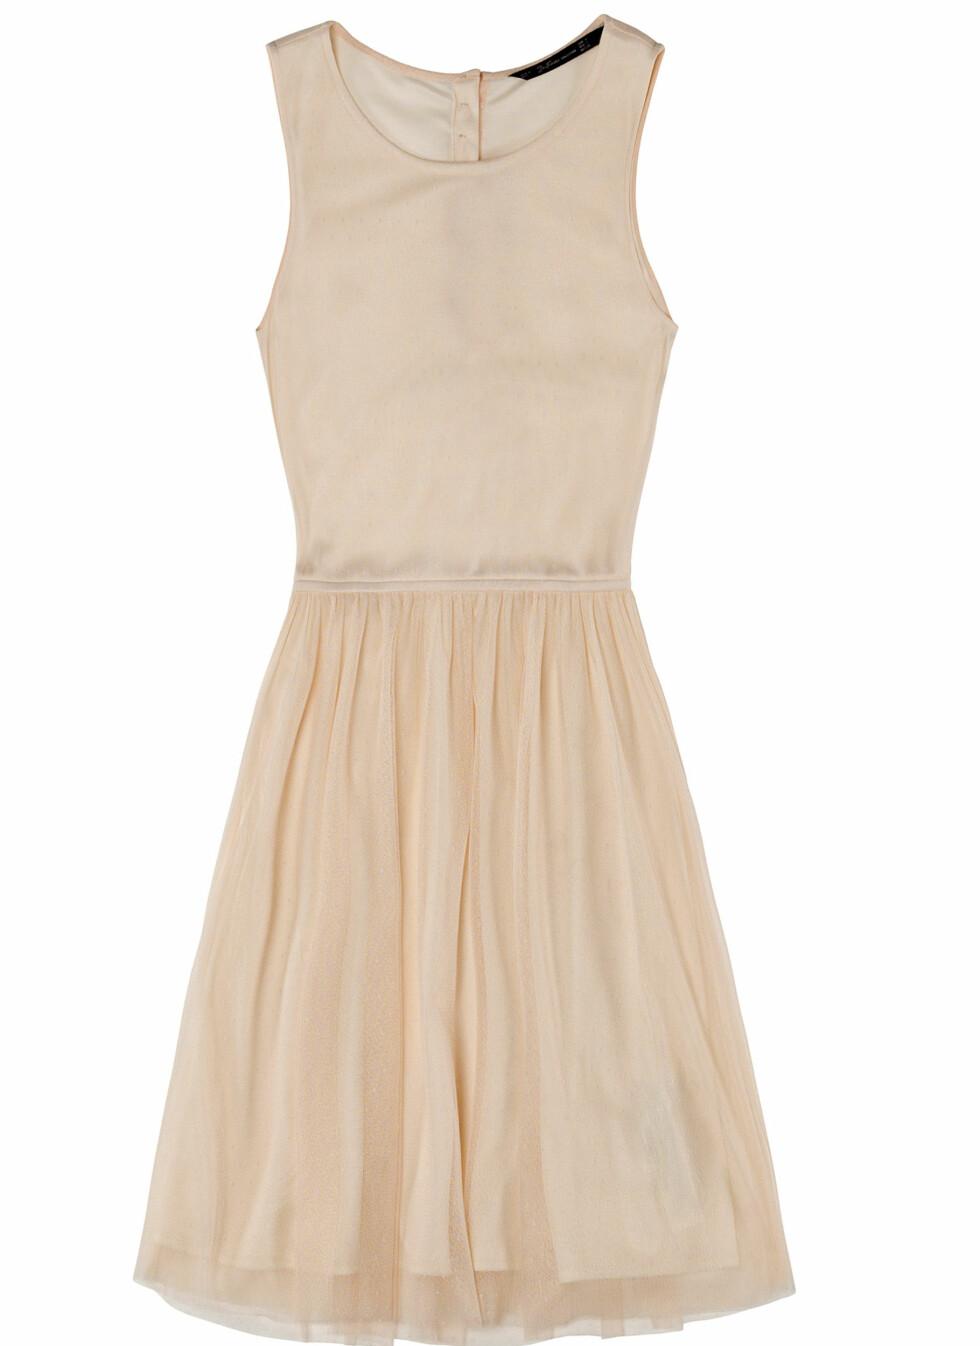 Pudderfarget kjole med utsvingt skjørt (Pris kommer). Foto: Zara